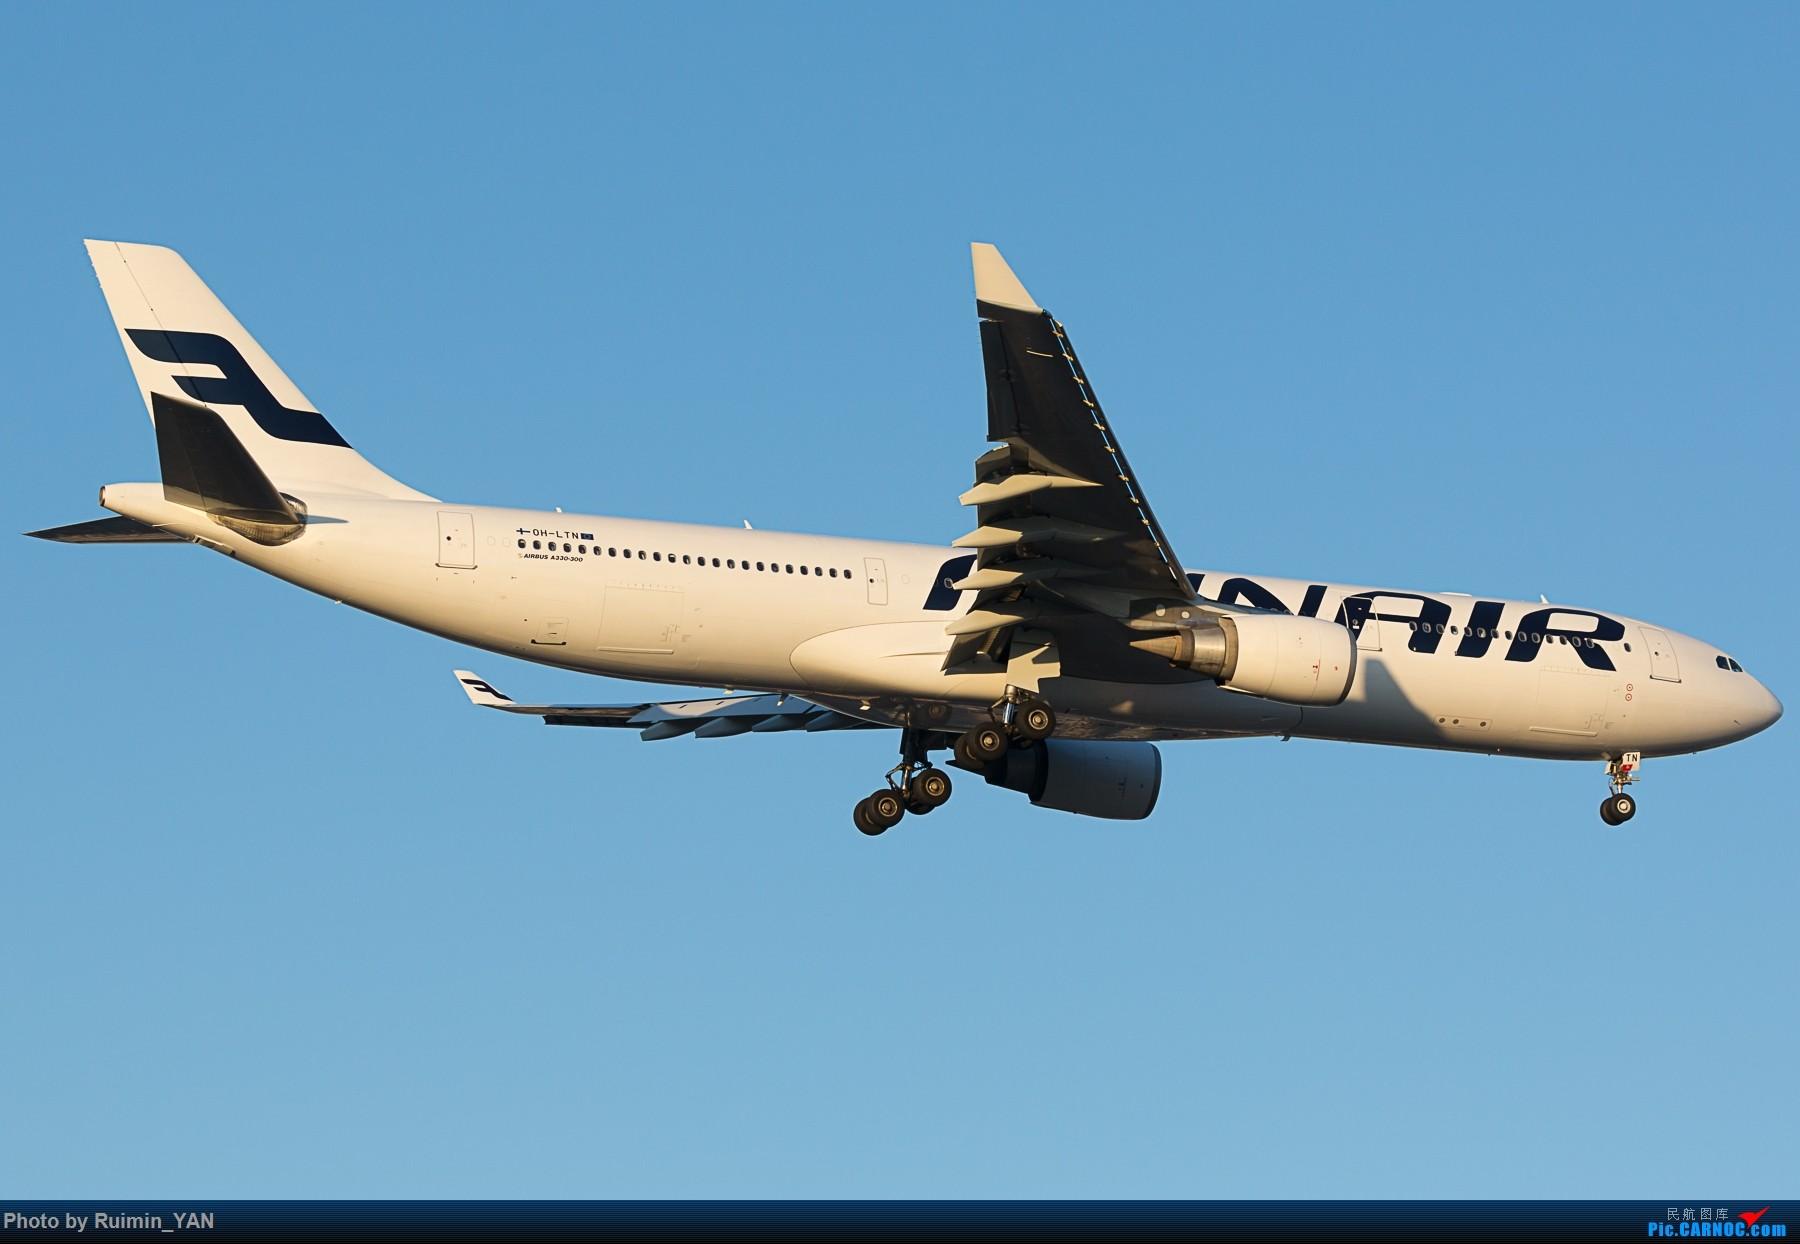 Re:[原创]【PEK】芬兰航空(AY,Finnair) OH-LTN A333 AIRBUS A330-300 OH-LTN 中国北京首都国际机场